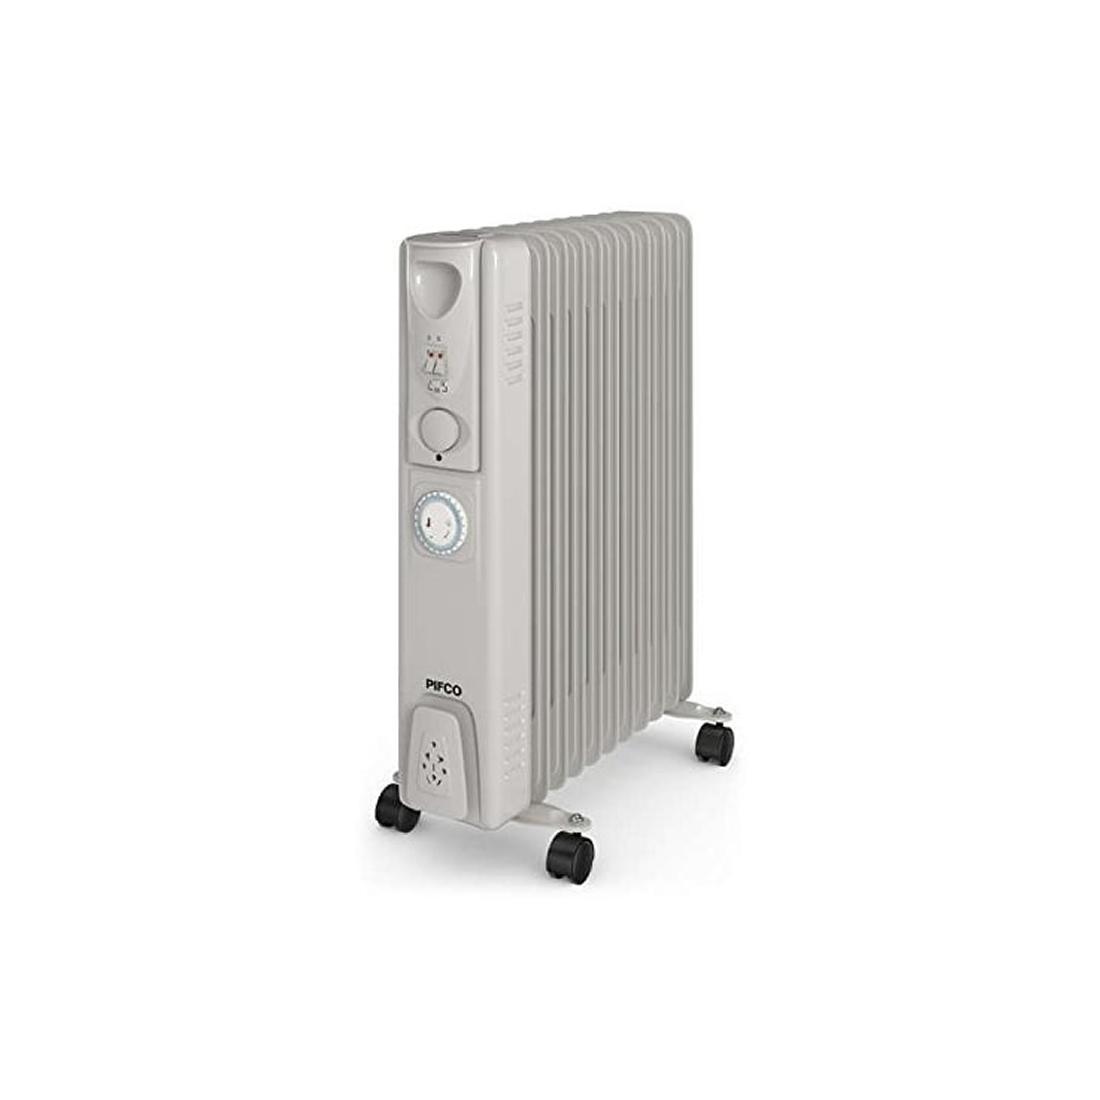 Image of 2.5kW Oil-Filled Radiator 3 Power Settings Timer White